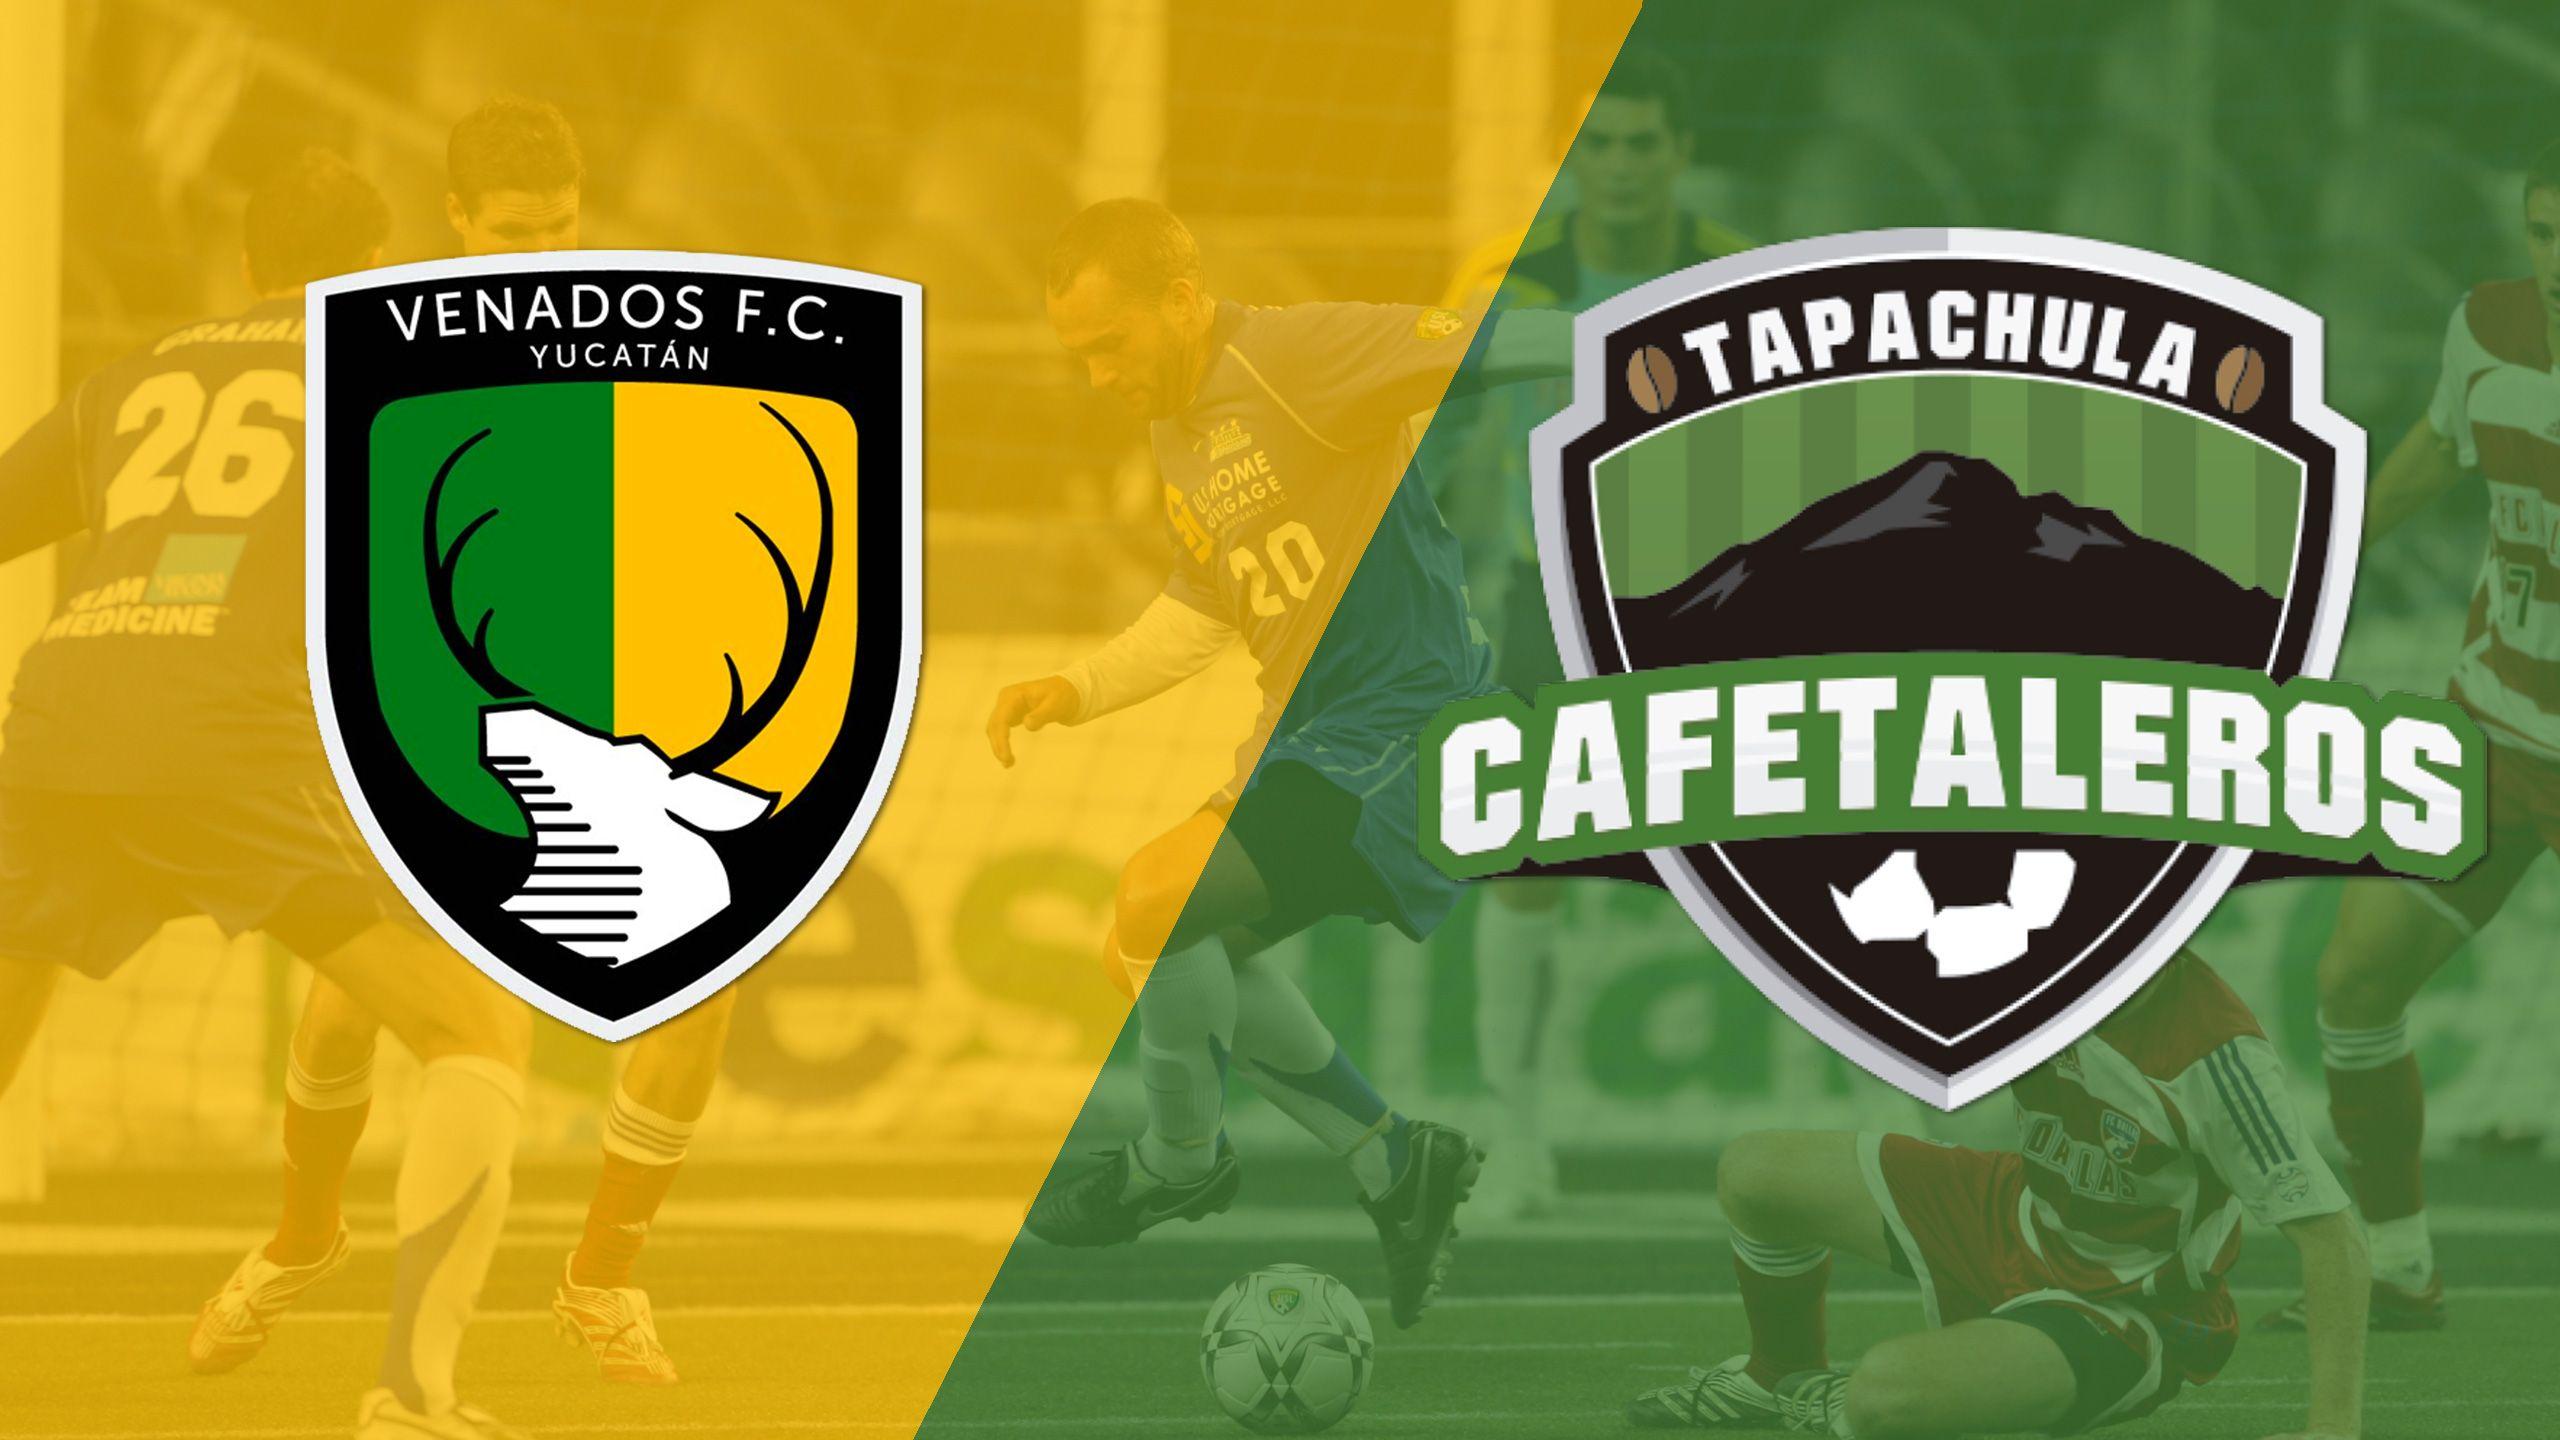 In Spanish - Venados FC vs. Cafetaleros de Tapachula (Copa Mexico)